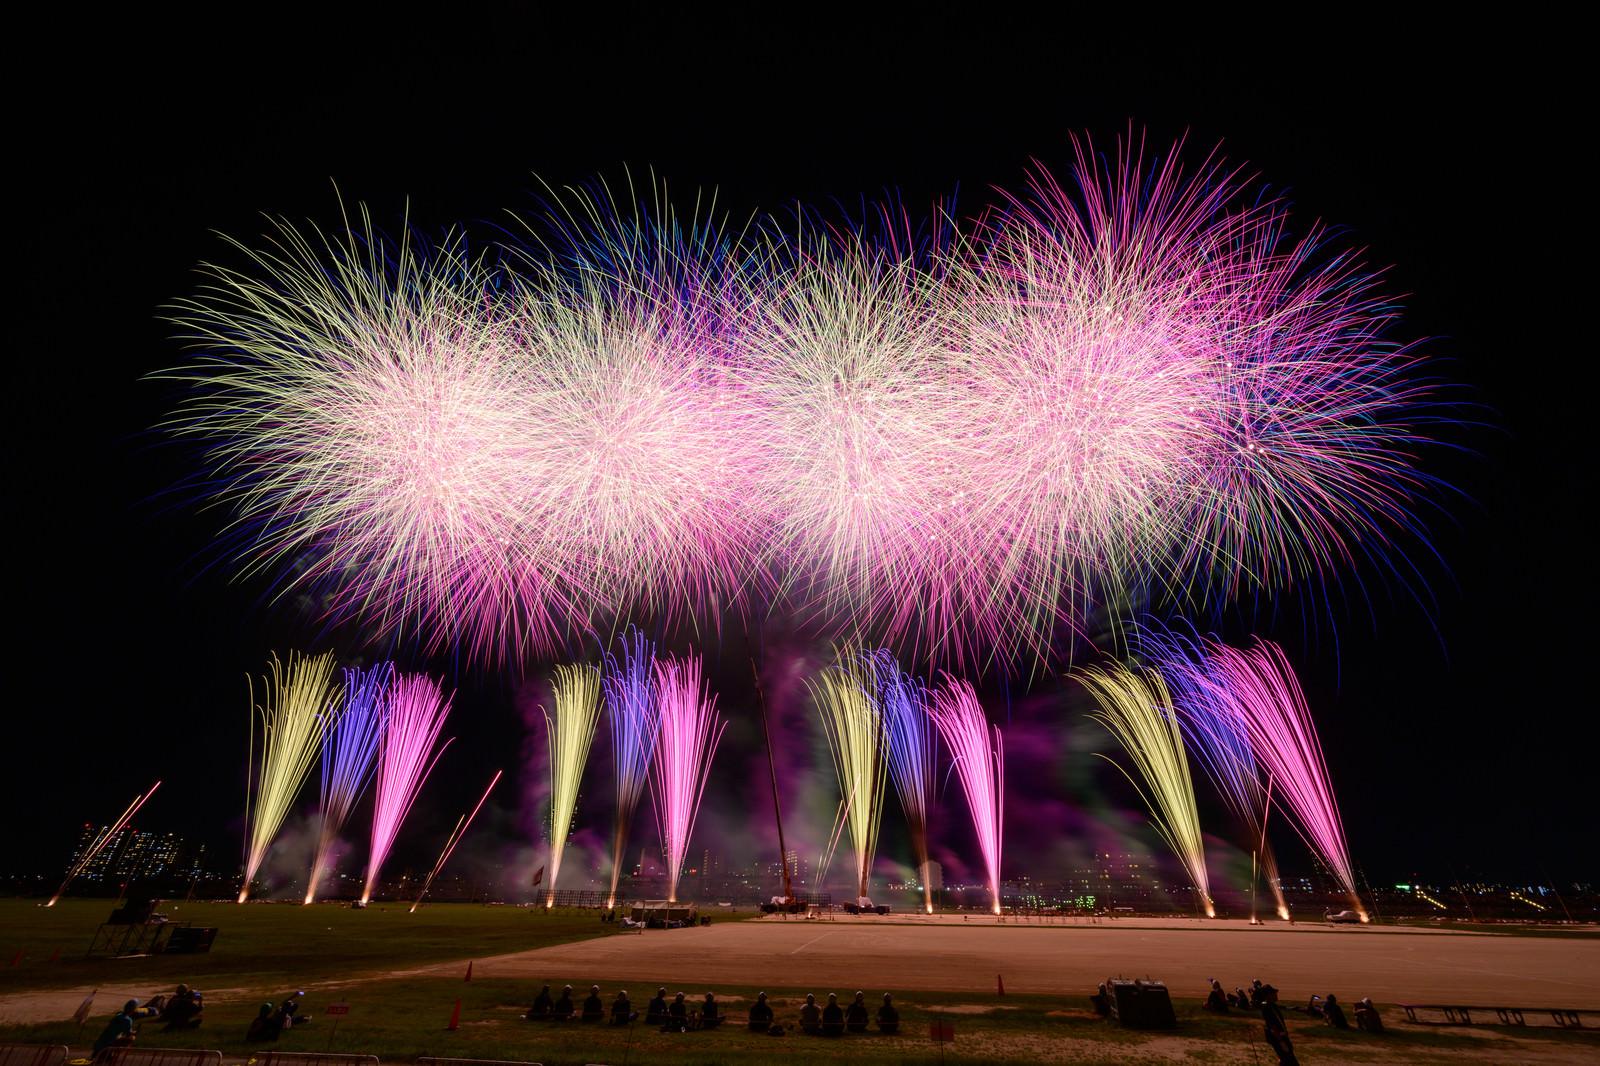 「江戸川の河川敷で打ち上げられる花火の様子」の写真